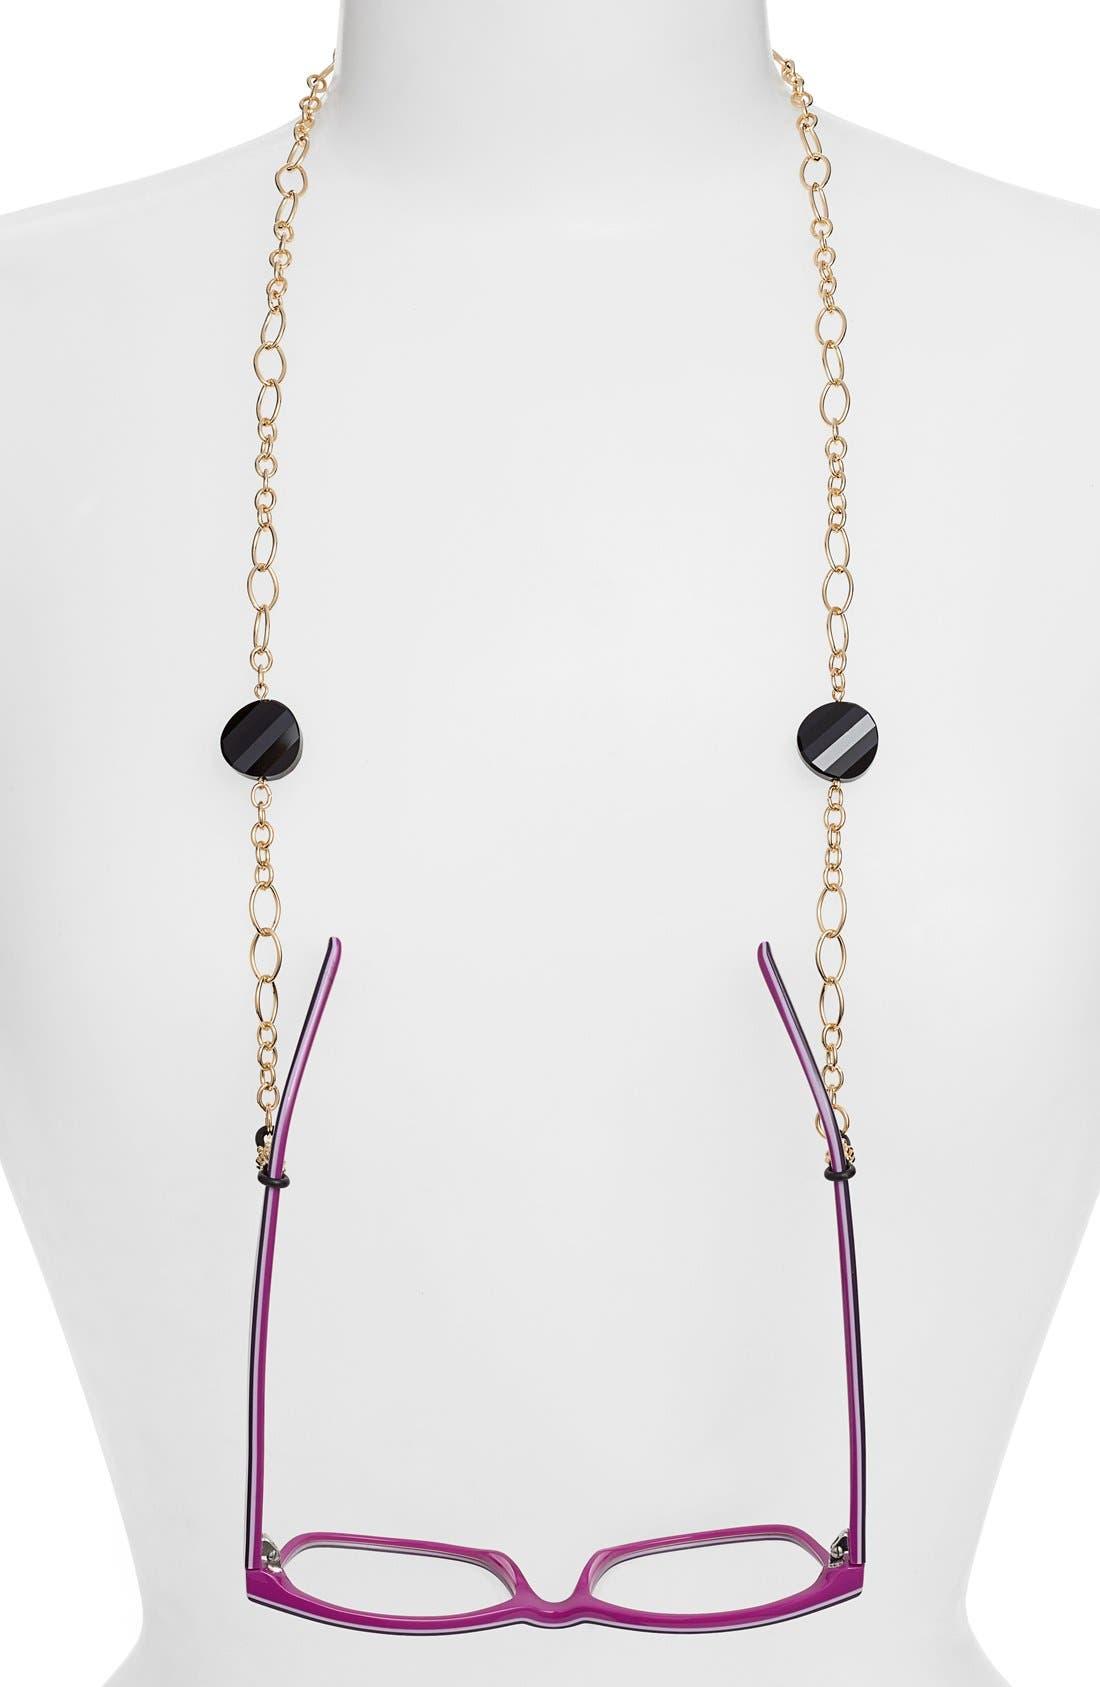 L. Erickson 'Spellbound' Eyeglass Chain